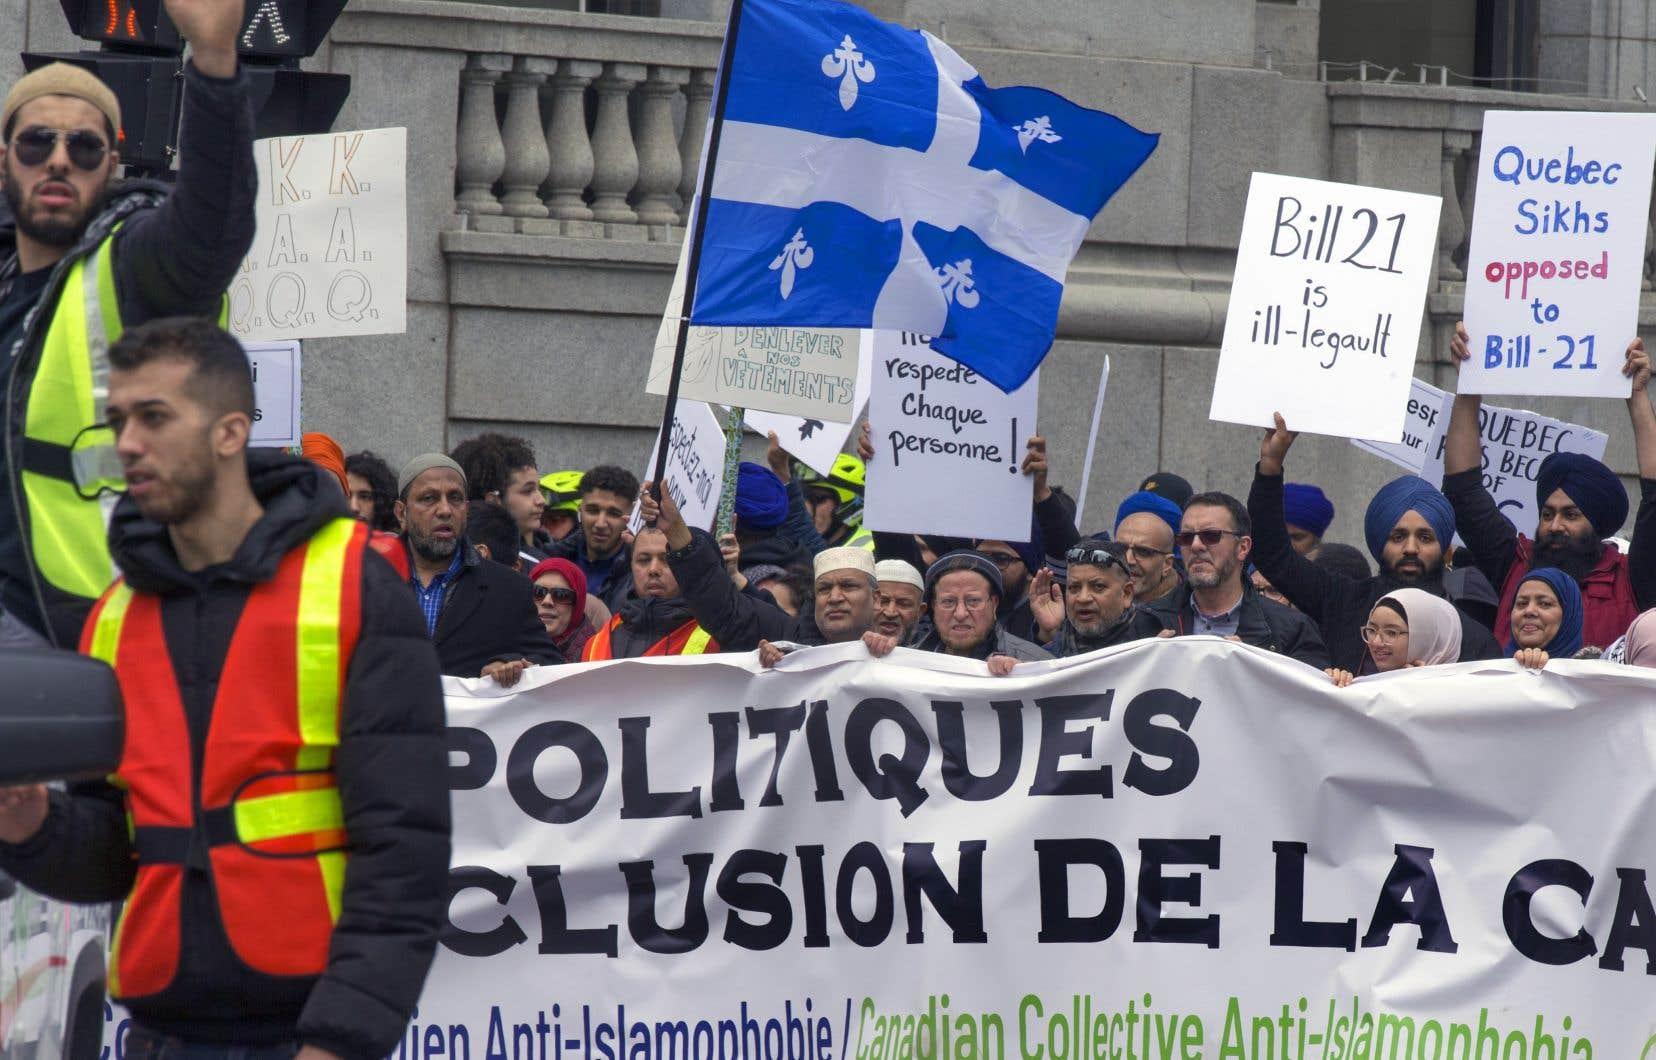 «L'extrême laïcité qu'on peut voir dans les textes de lois québécois, qui s'étend jusqu'aux apparences et à la censure dans le code vestimentaire, est à proprement parler du laïcisme idéologique», affirme l'auteur.